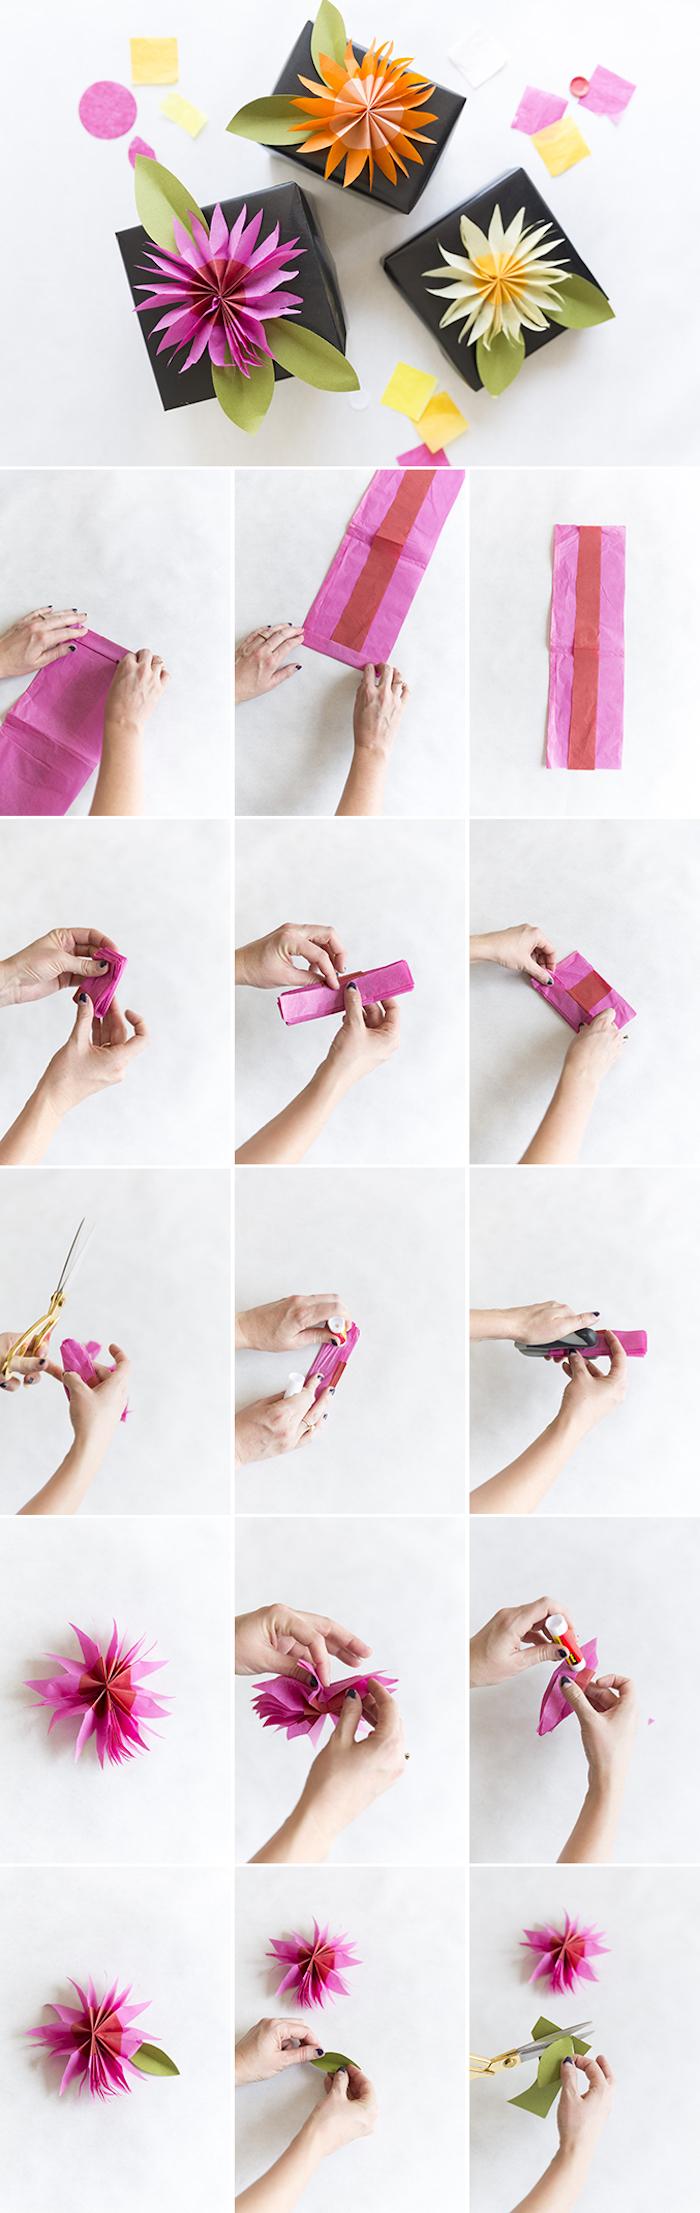 comment fabriquer une fleur en papier de soie pour décorer un paquet cadeau, tuto bricolage simple fleur couleur fuchsia